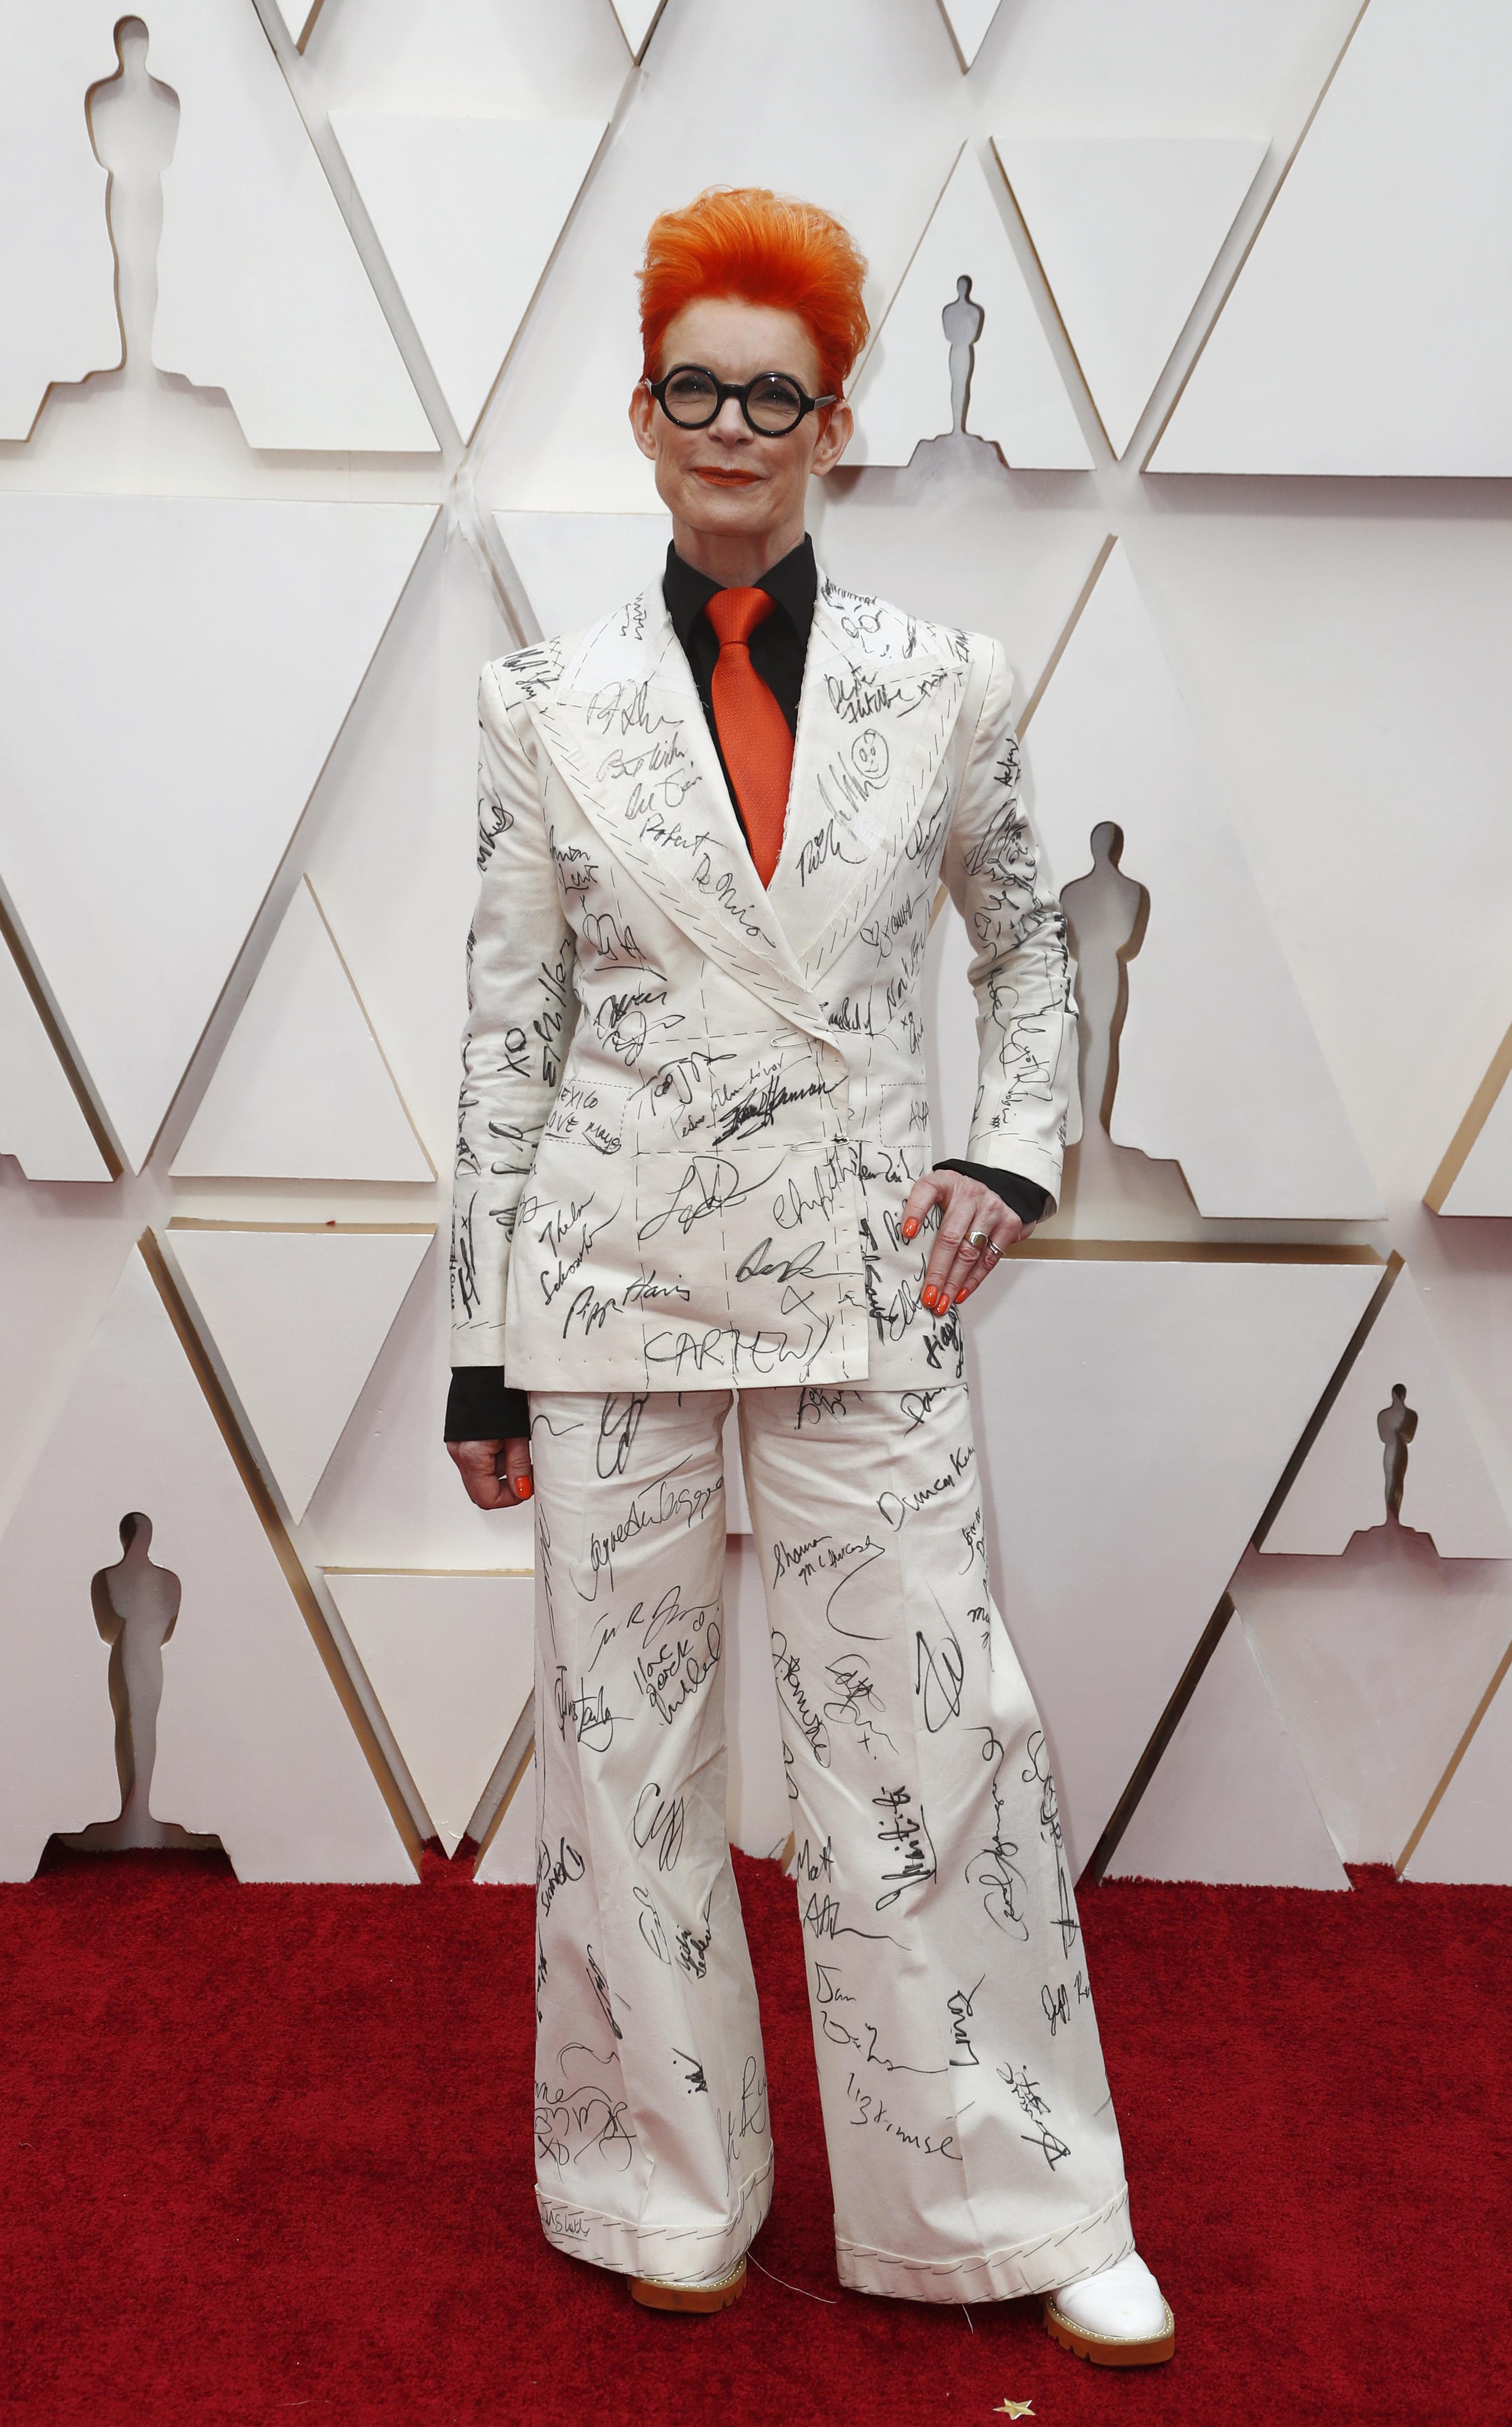 Sandy Powell fue uno de los looks más polémicos de la alfombra roja de los premios Oscar. Lució un traje estampado blanco con camisa negra y corbata naranja, haciendo juego con el color de su pelo